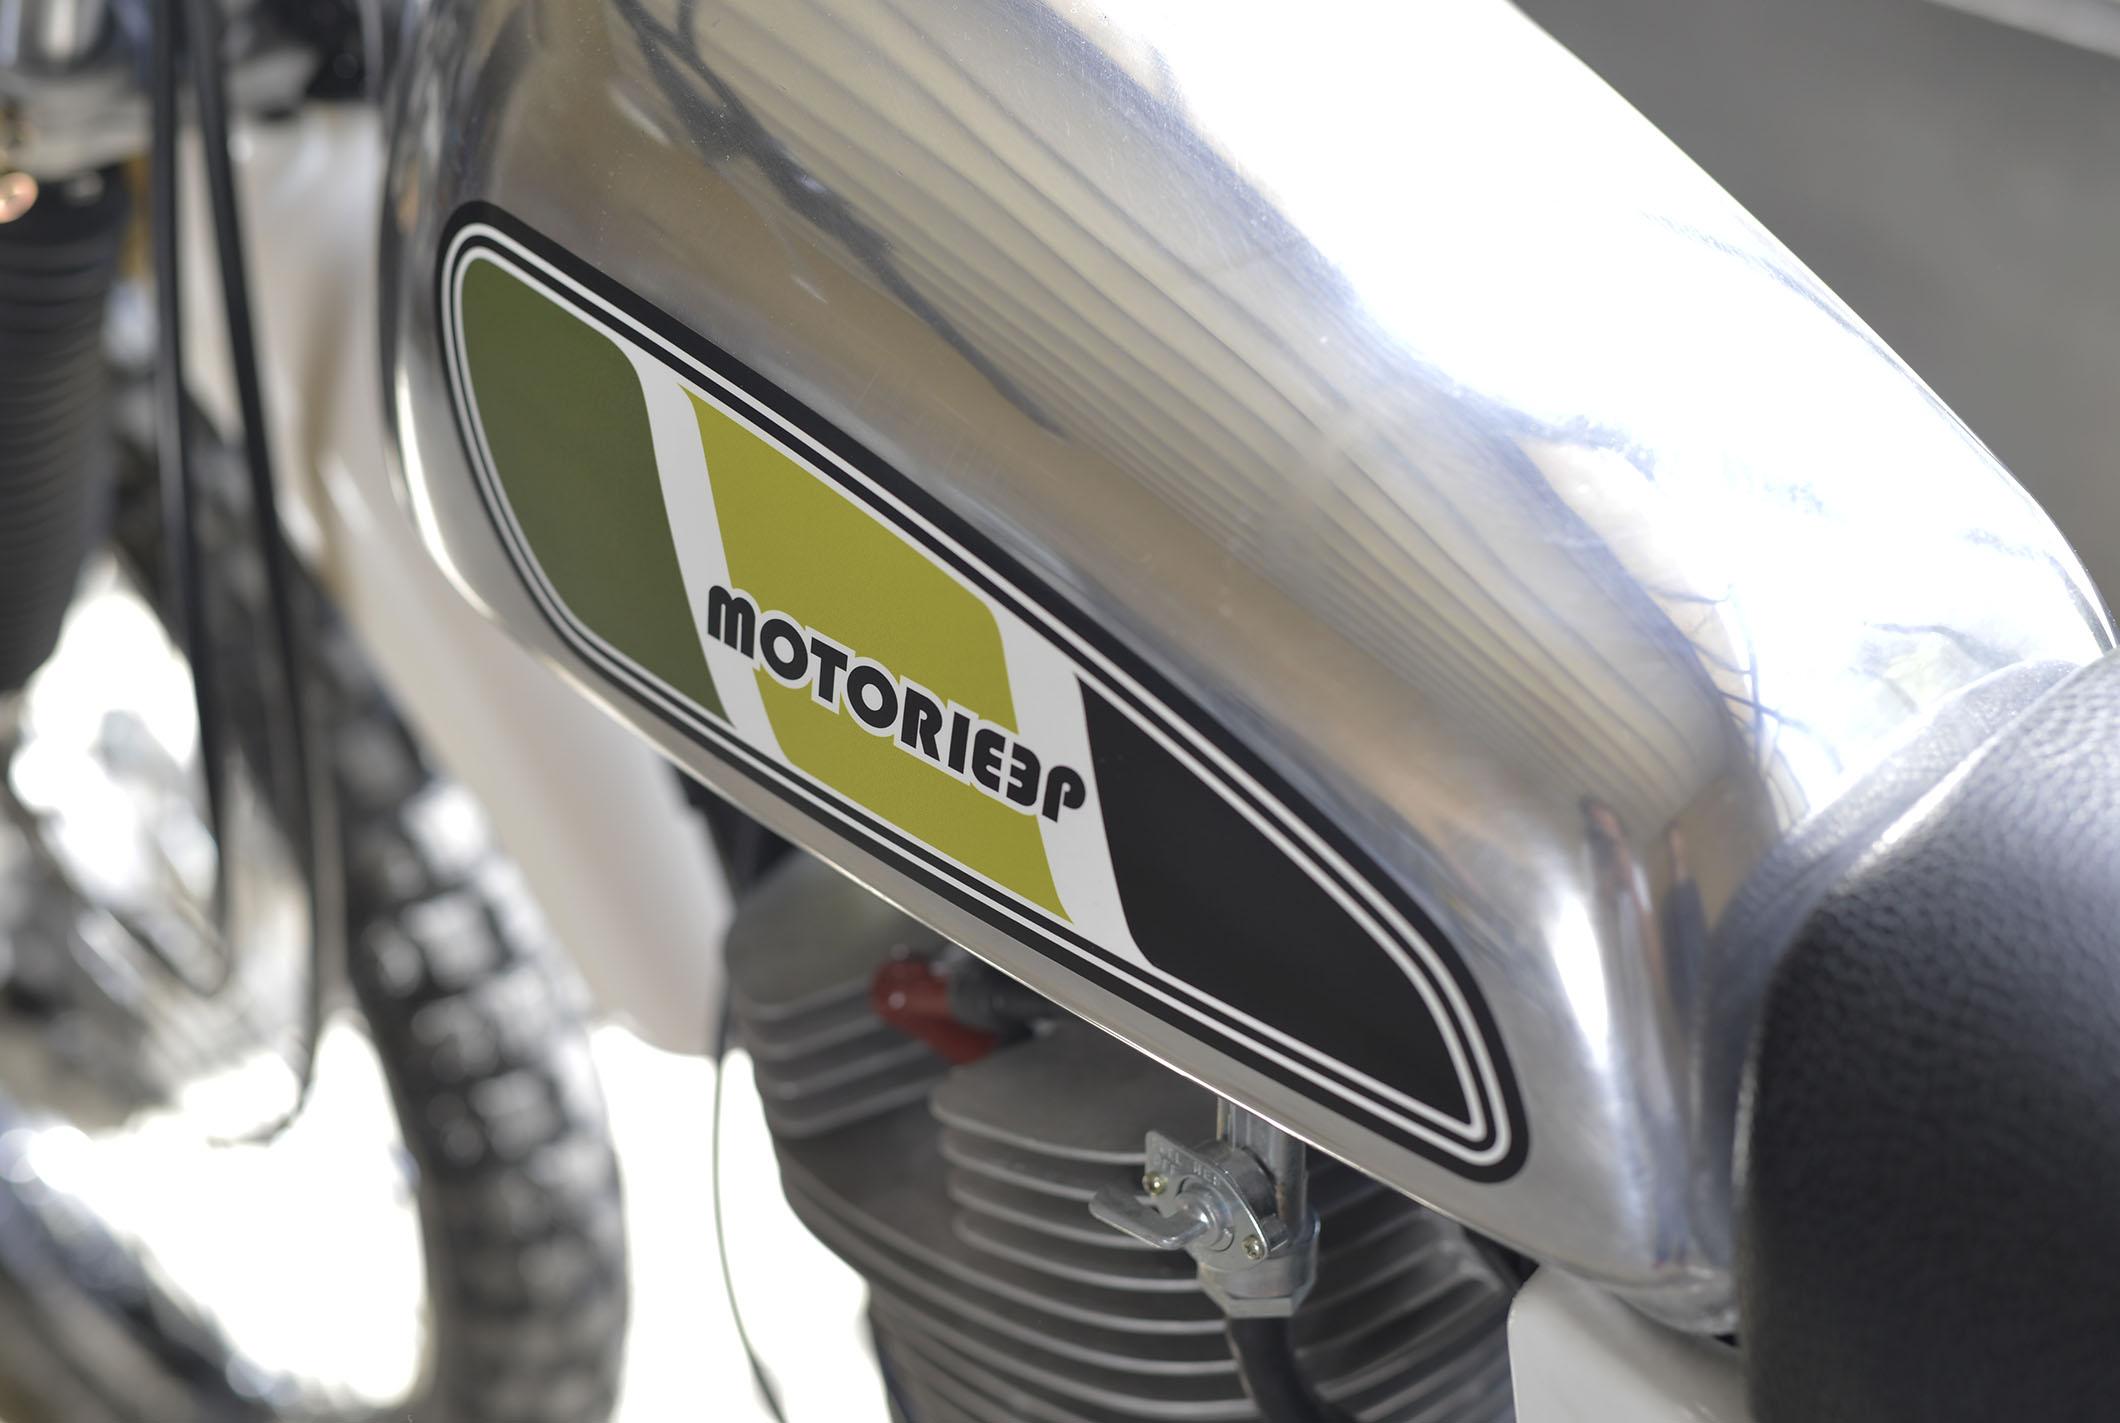 motorieep 500 XT 80 4